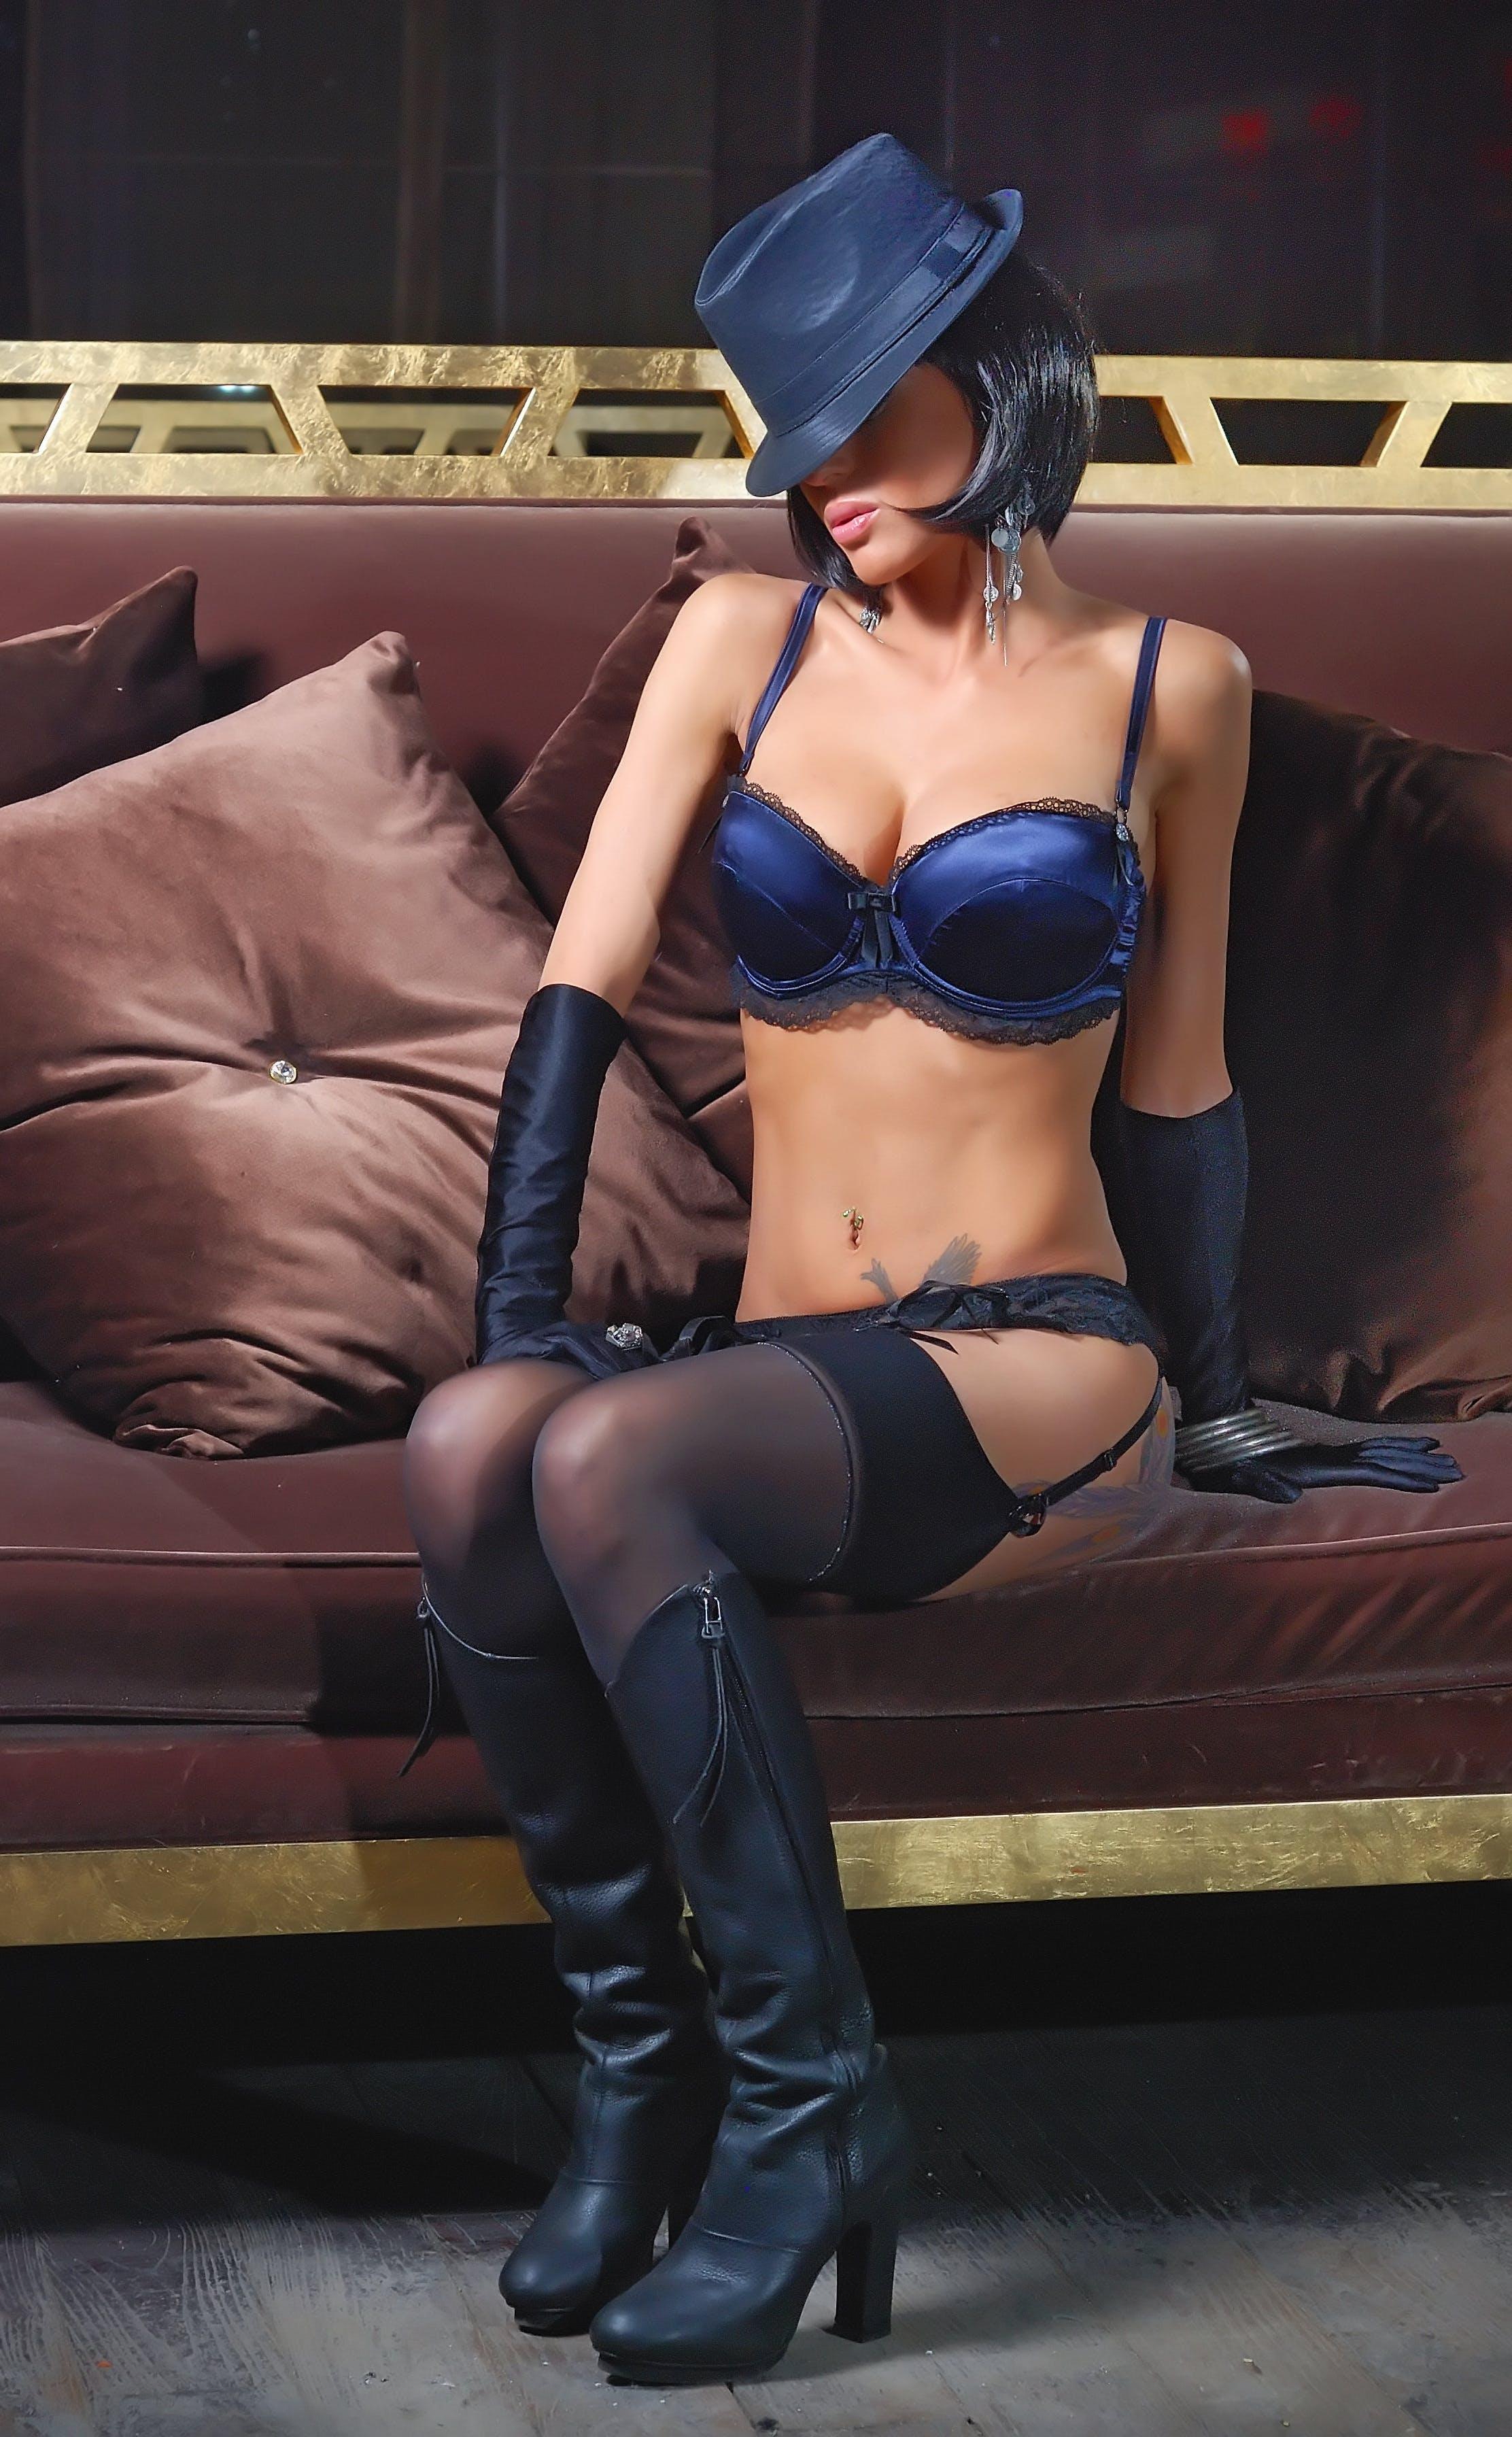 Woman in Blue Bikini Sitting Brown Sofa